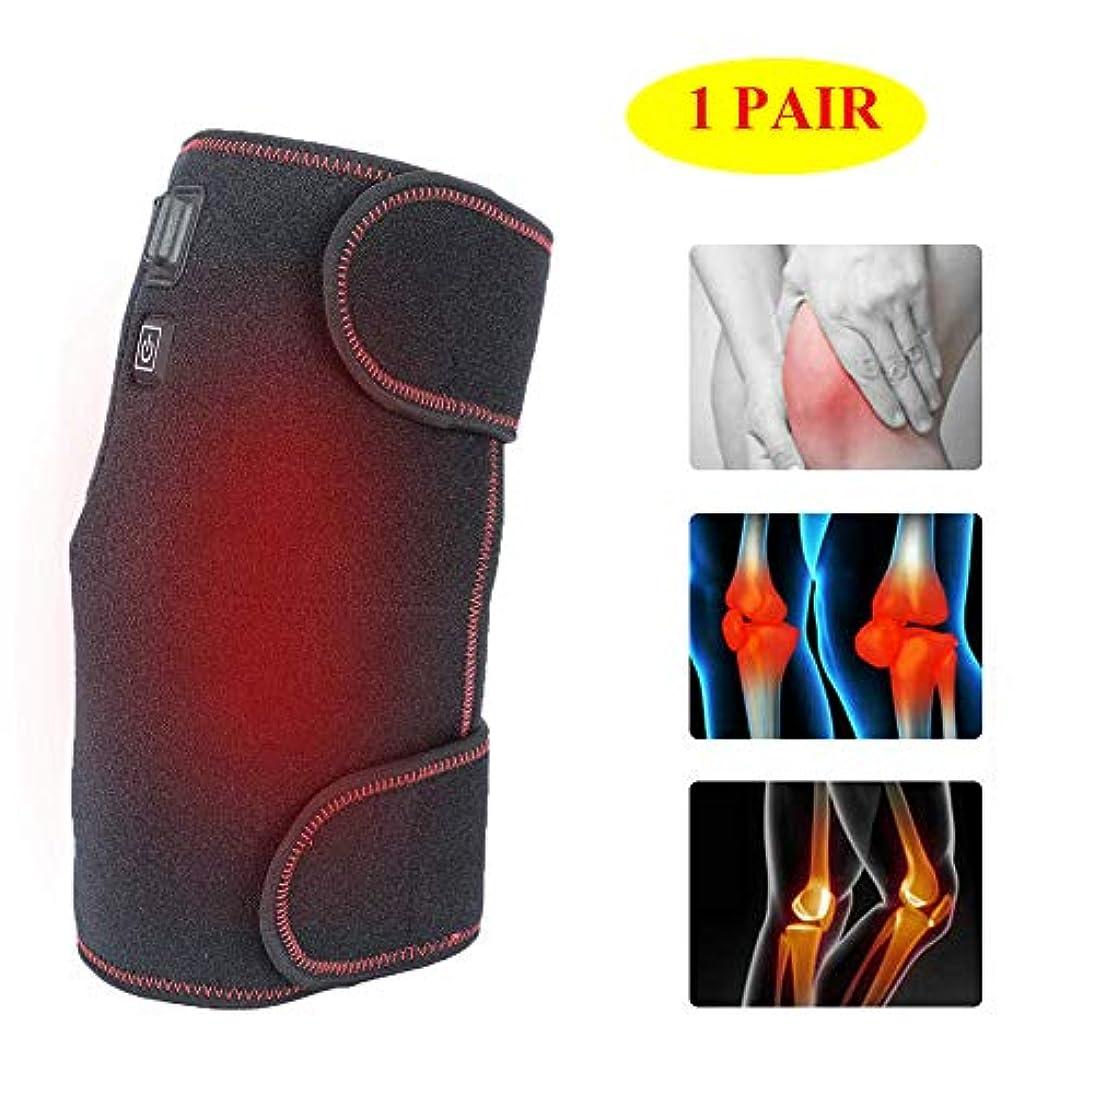 上流の滑り台ロック加熱膝ブレースサポート1ペア - USB充電式膝暖かいラップ加熱パッド - 療法ホット圧縮3ファイル温度で膝の傷害